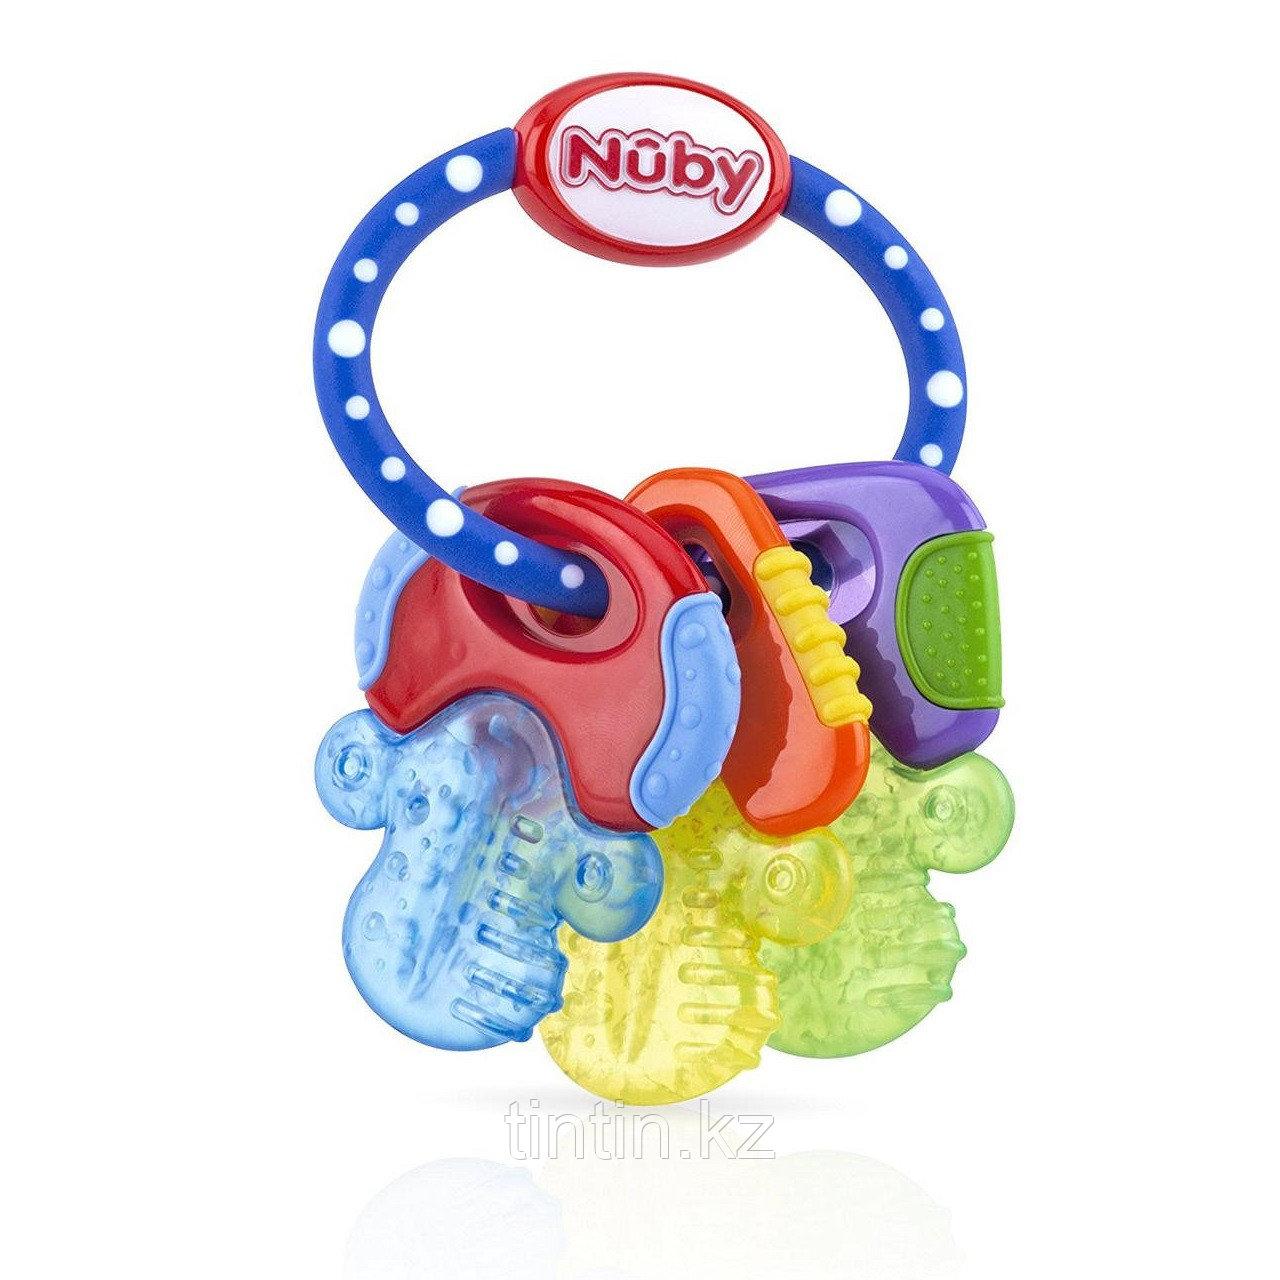 Детский прорезыватель для зубов - Ключики